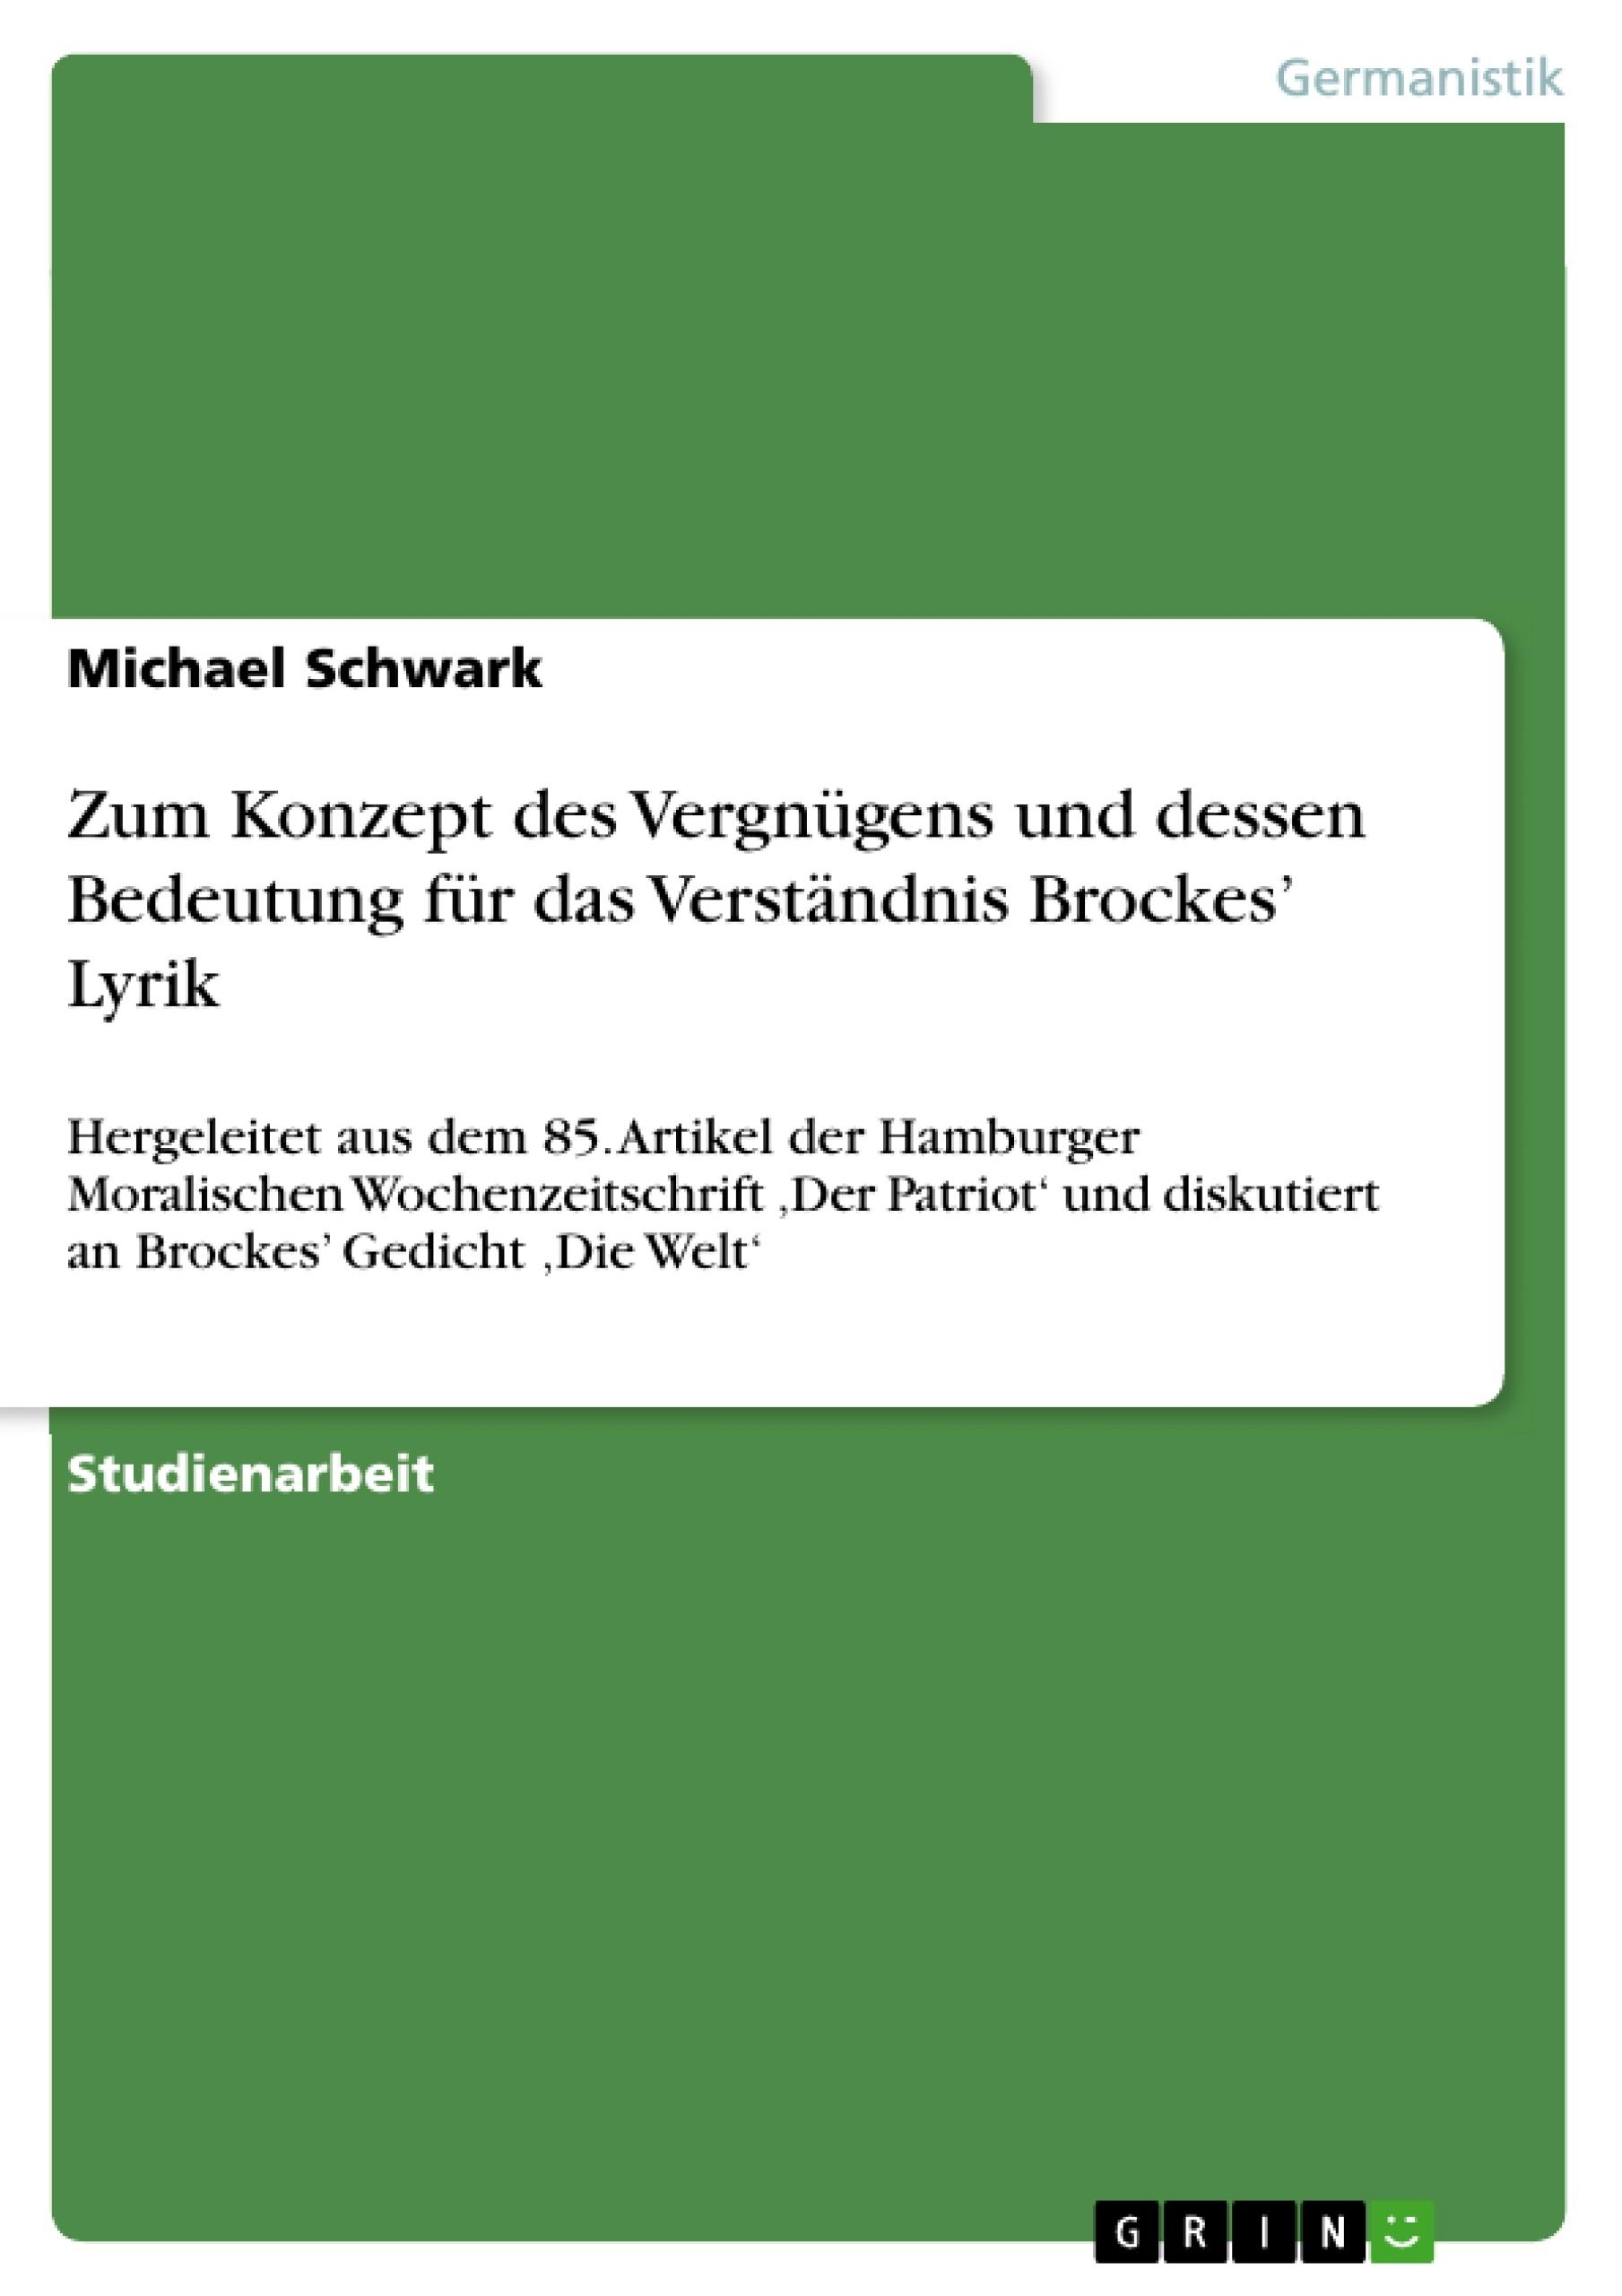 Titel: Zum Konzept des Vergnügens und dessen Bedeutung für das Verständnis Brockes' Lyrik